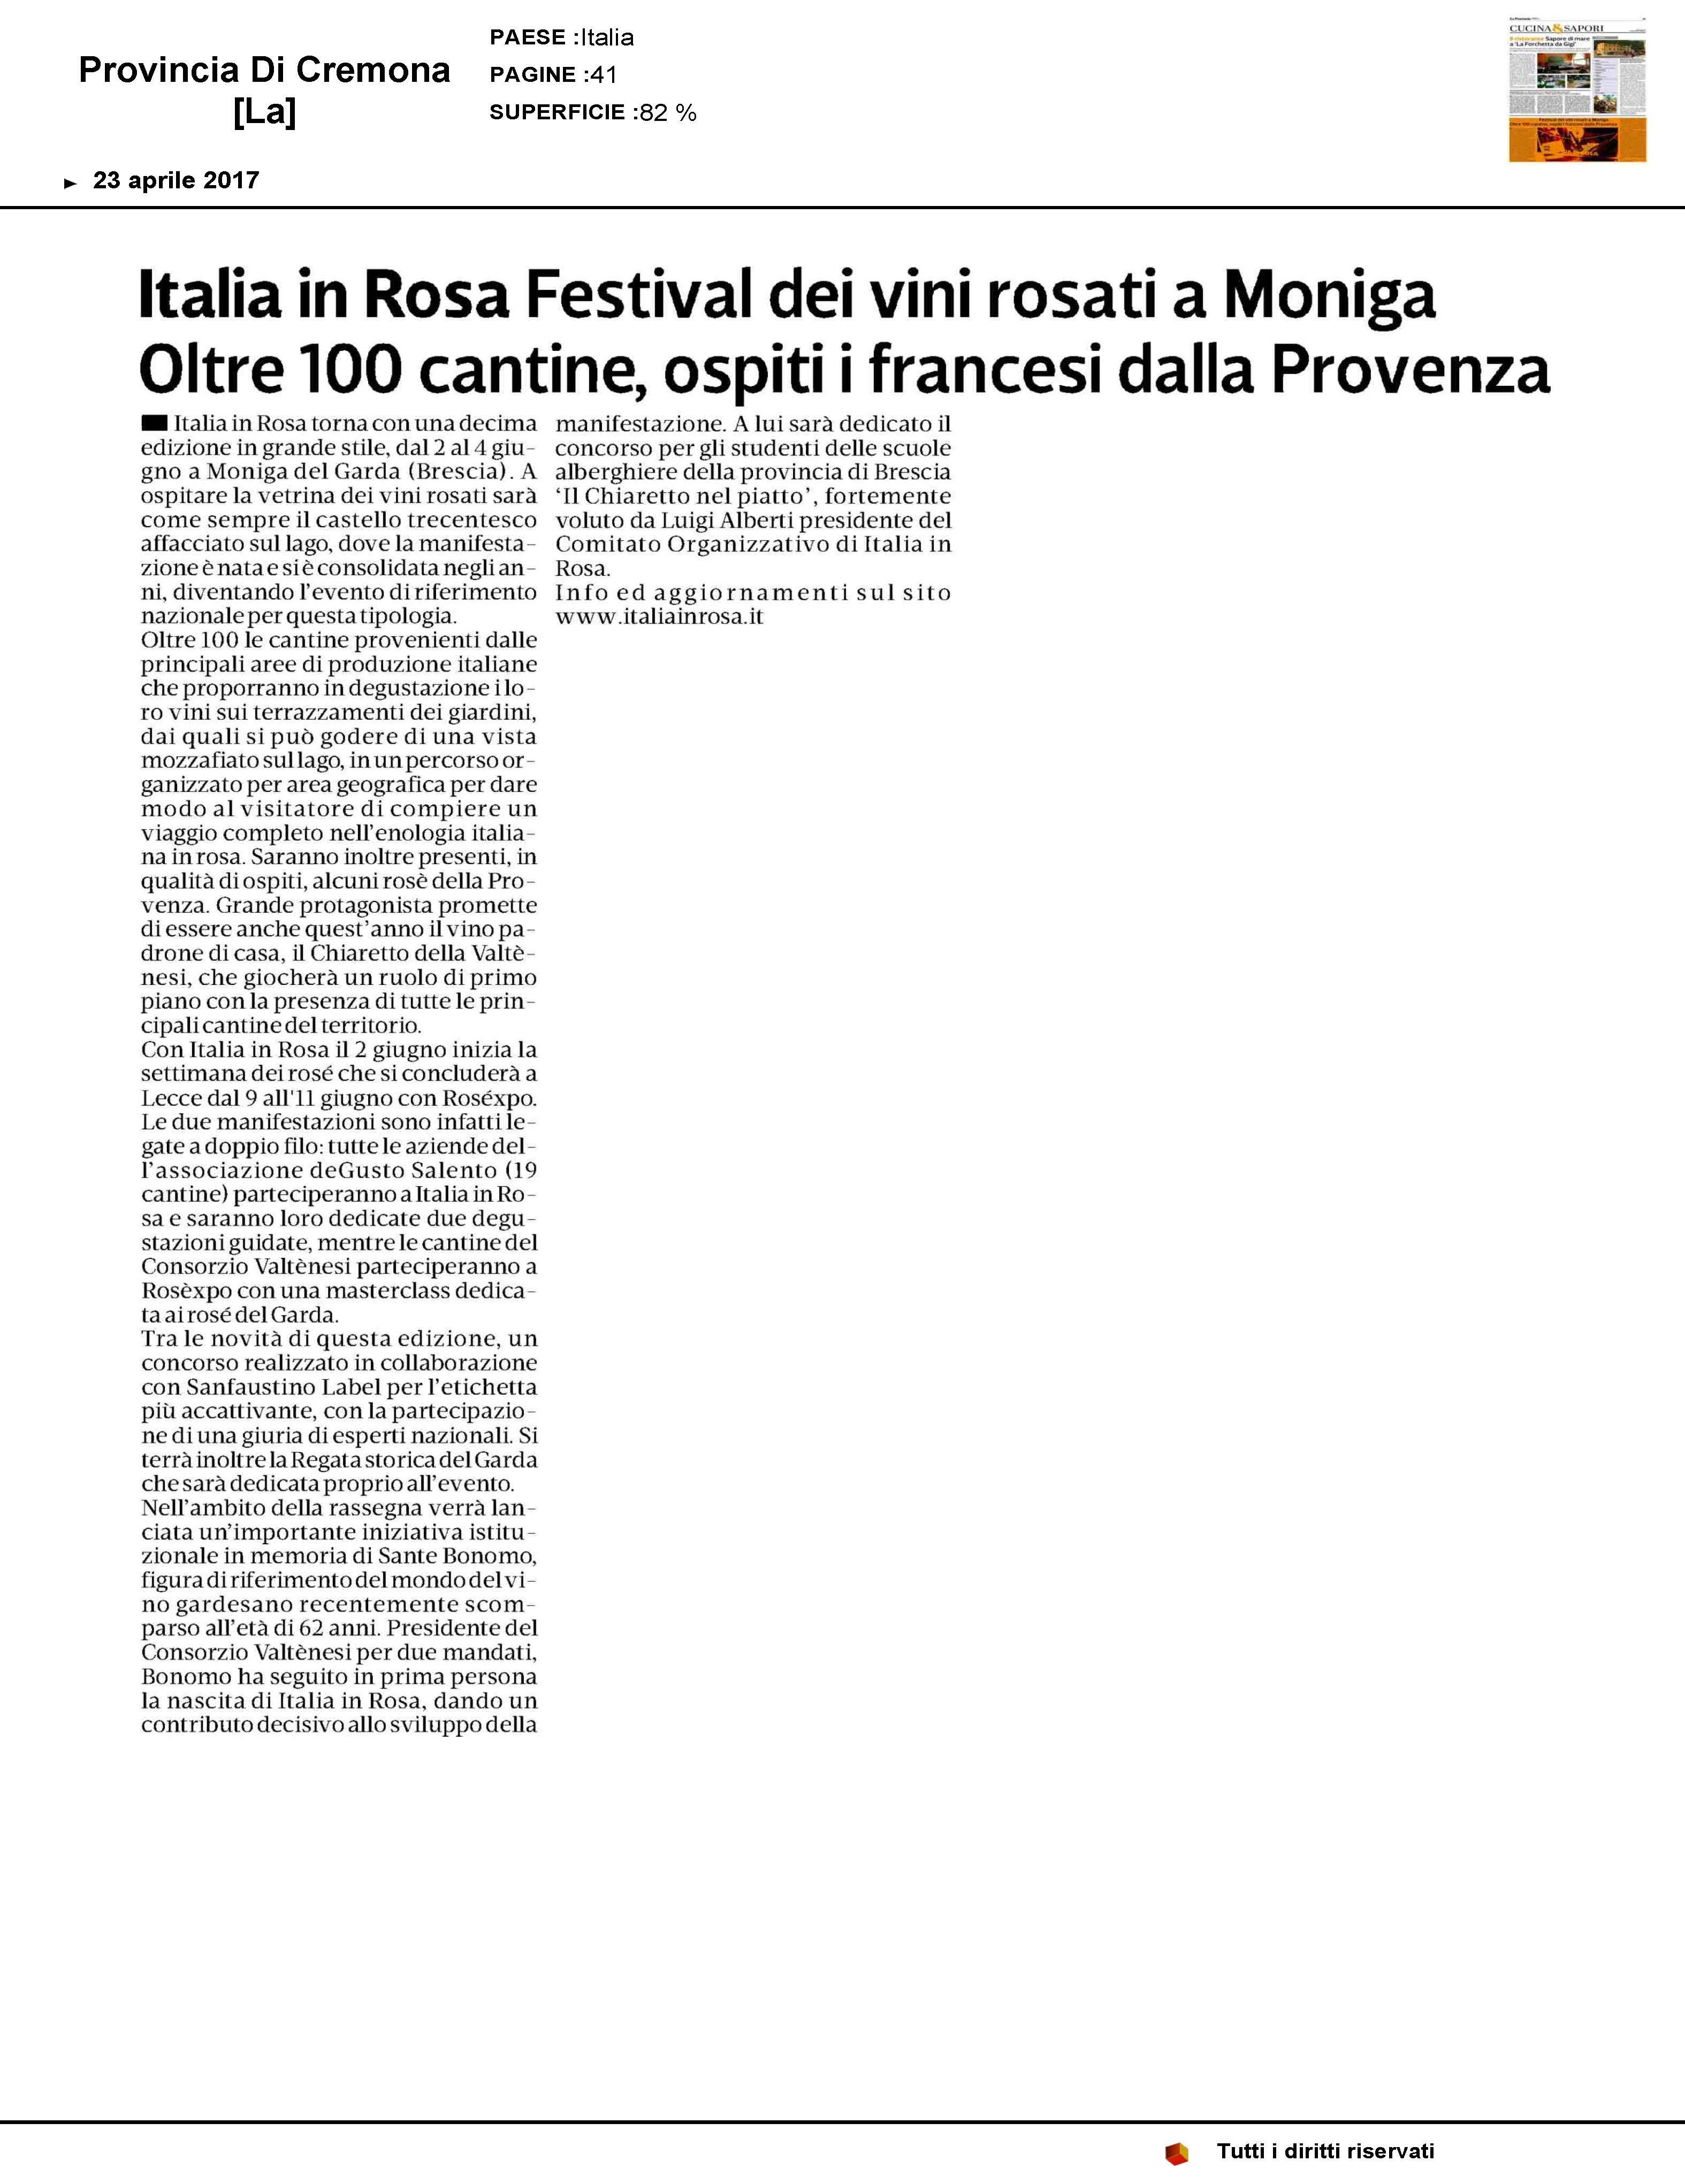 LAPROVINCIADICREMONA_italiainrosa 23apr17_Pagina_1